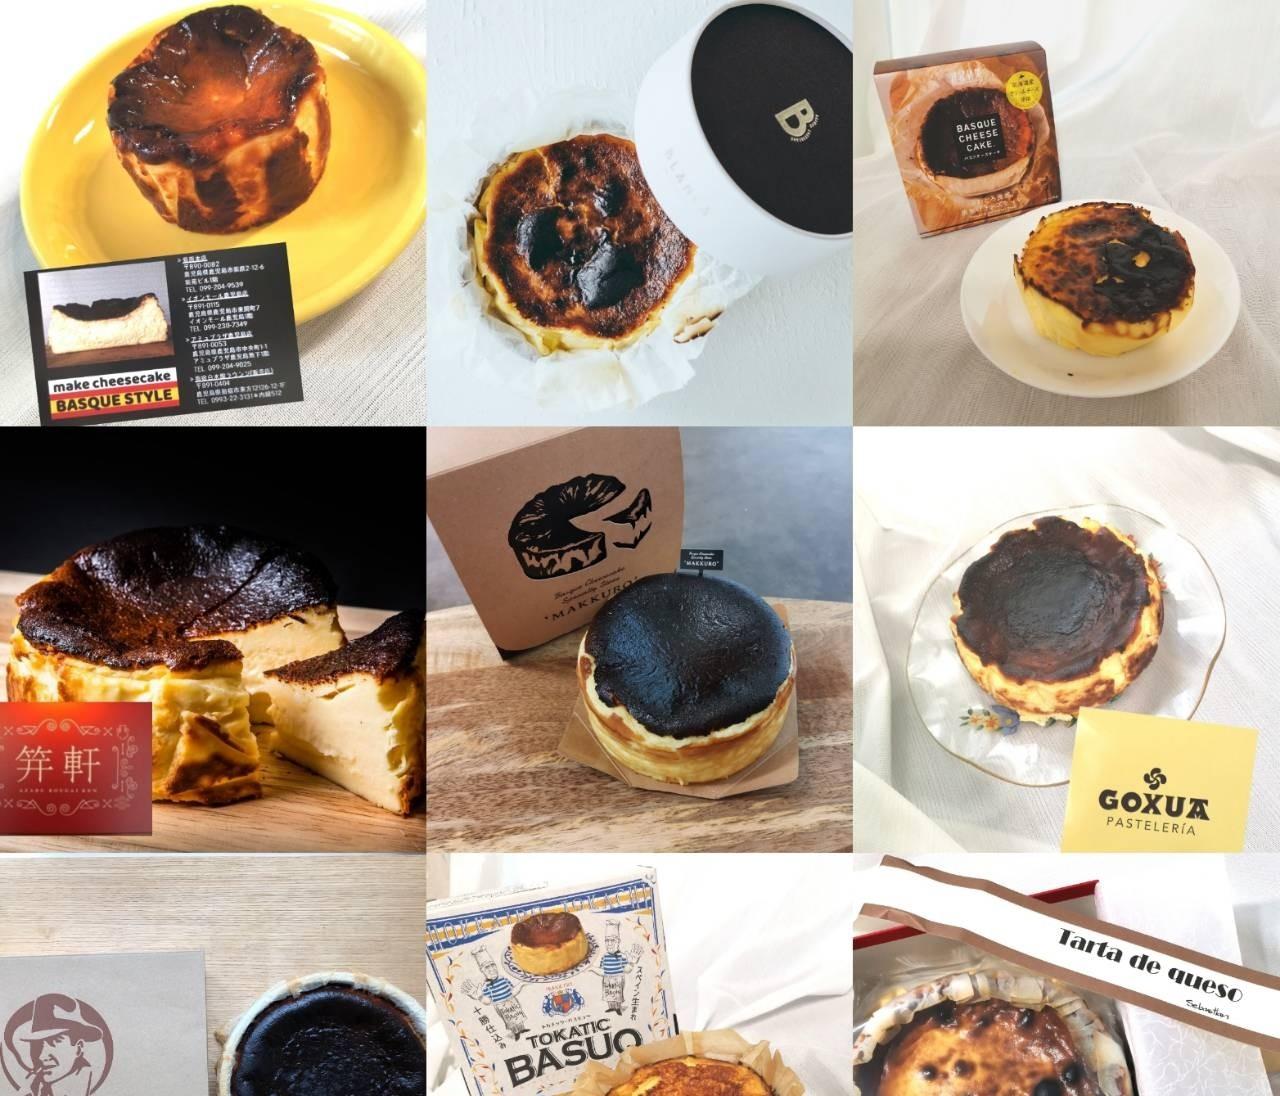 【バスクチーズケーキ】人気爆発中♡ お取り寄せ可能な10品を食べ比べ!